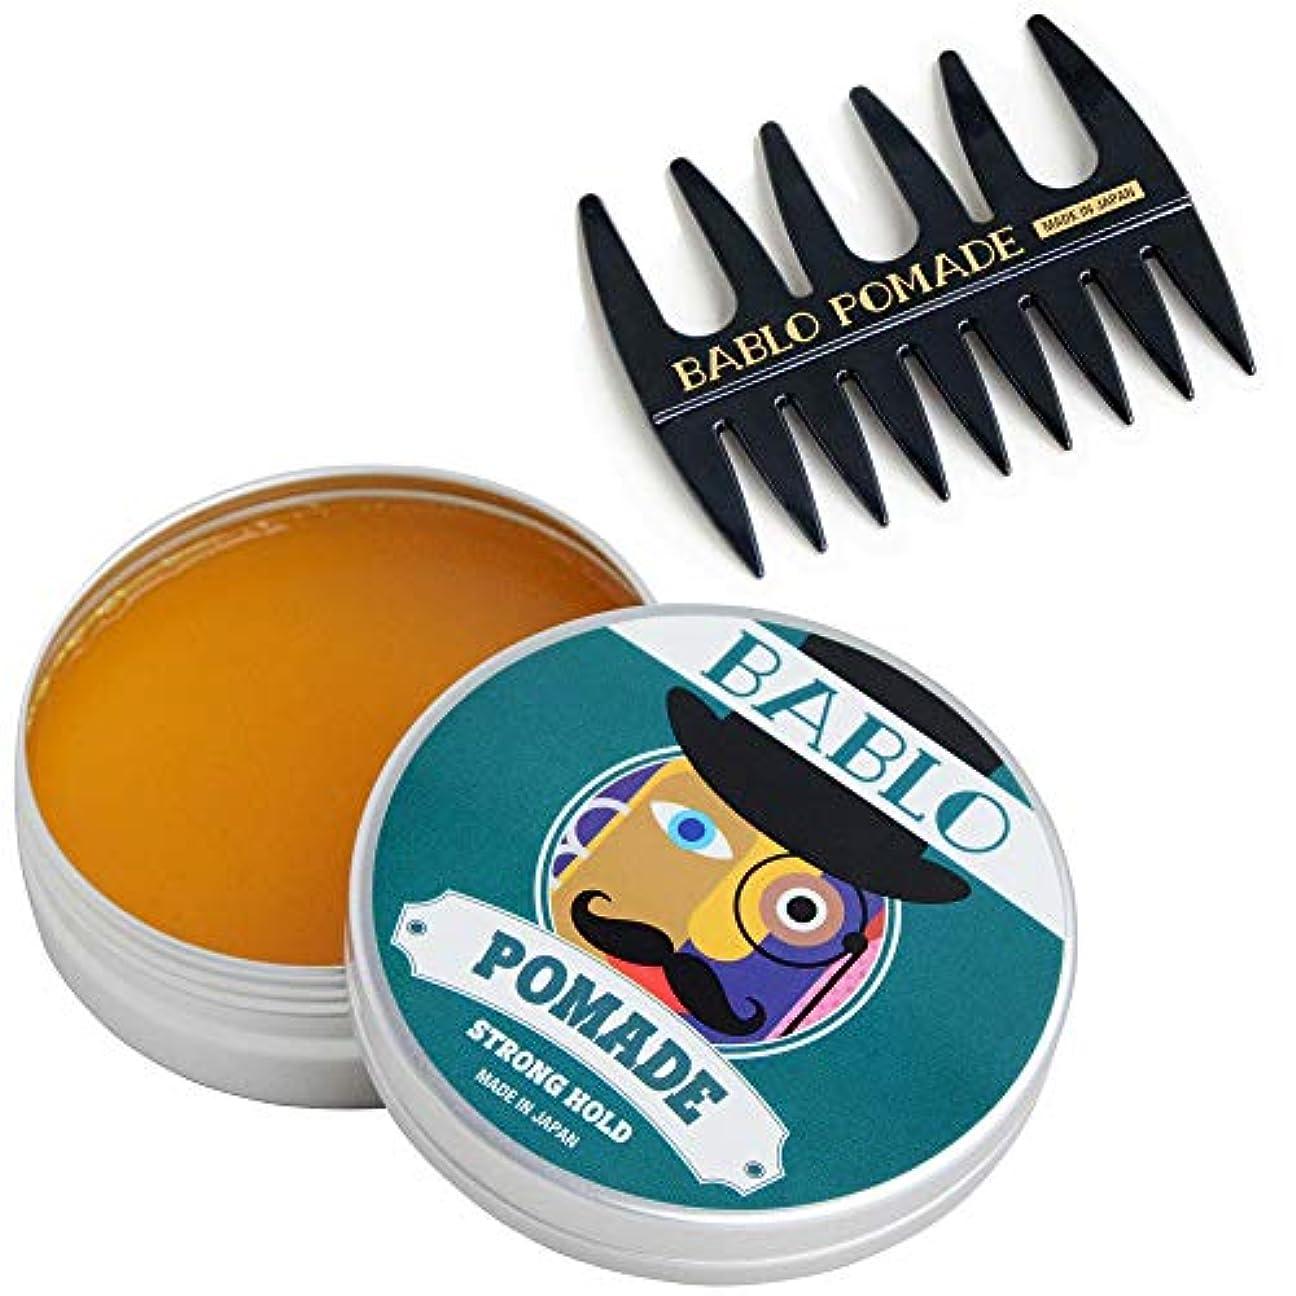 冗長メロンムスバブロ ポマード(BABLO POMADE) ストロング ホールド メンズ 整髪料 水性 ヘアグリース ヘアワックス (単品&メッシュコーム付)